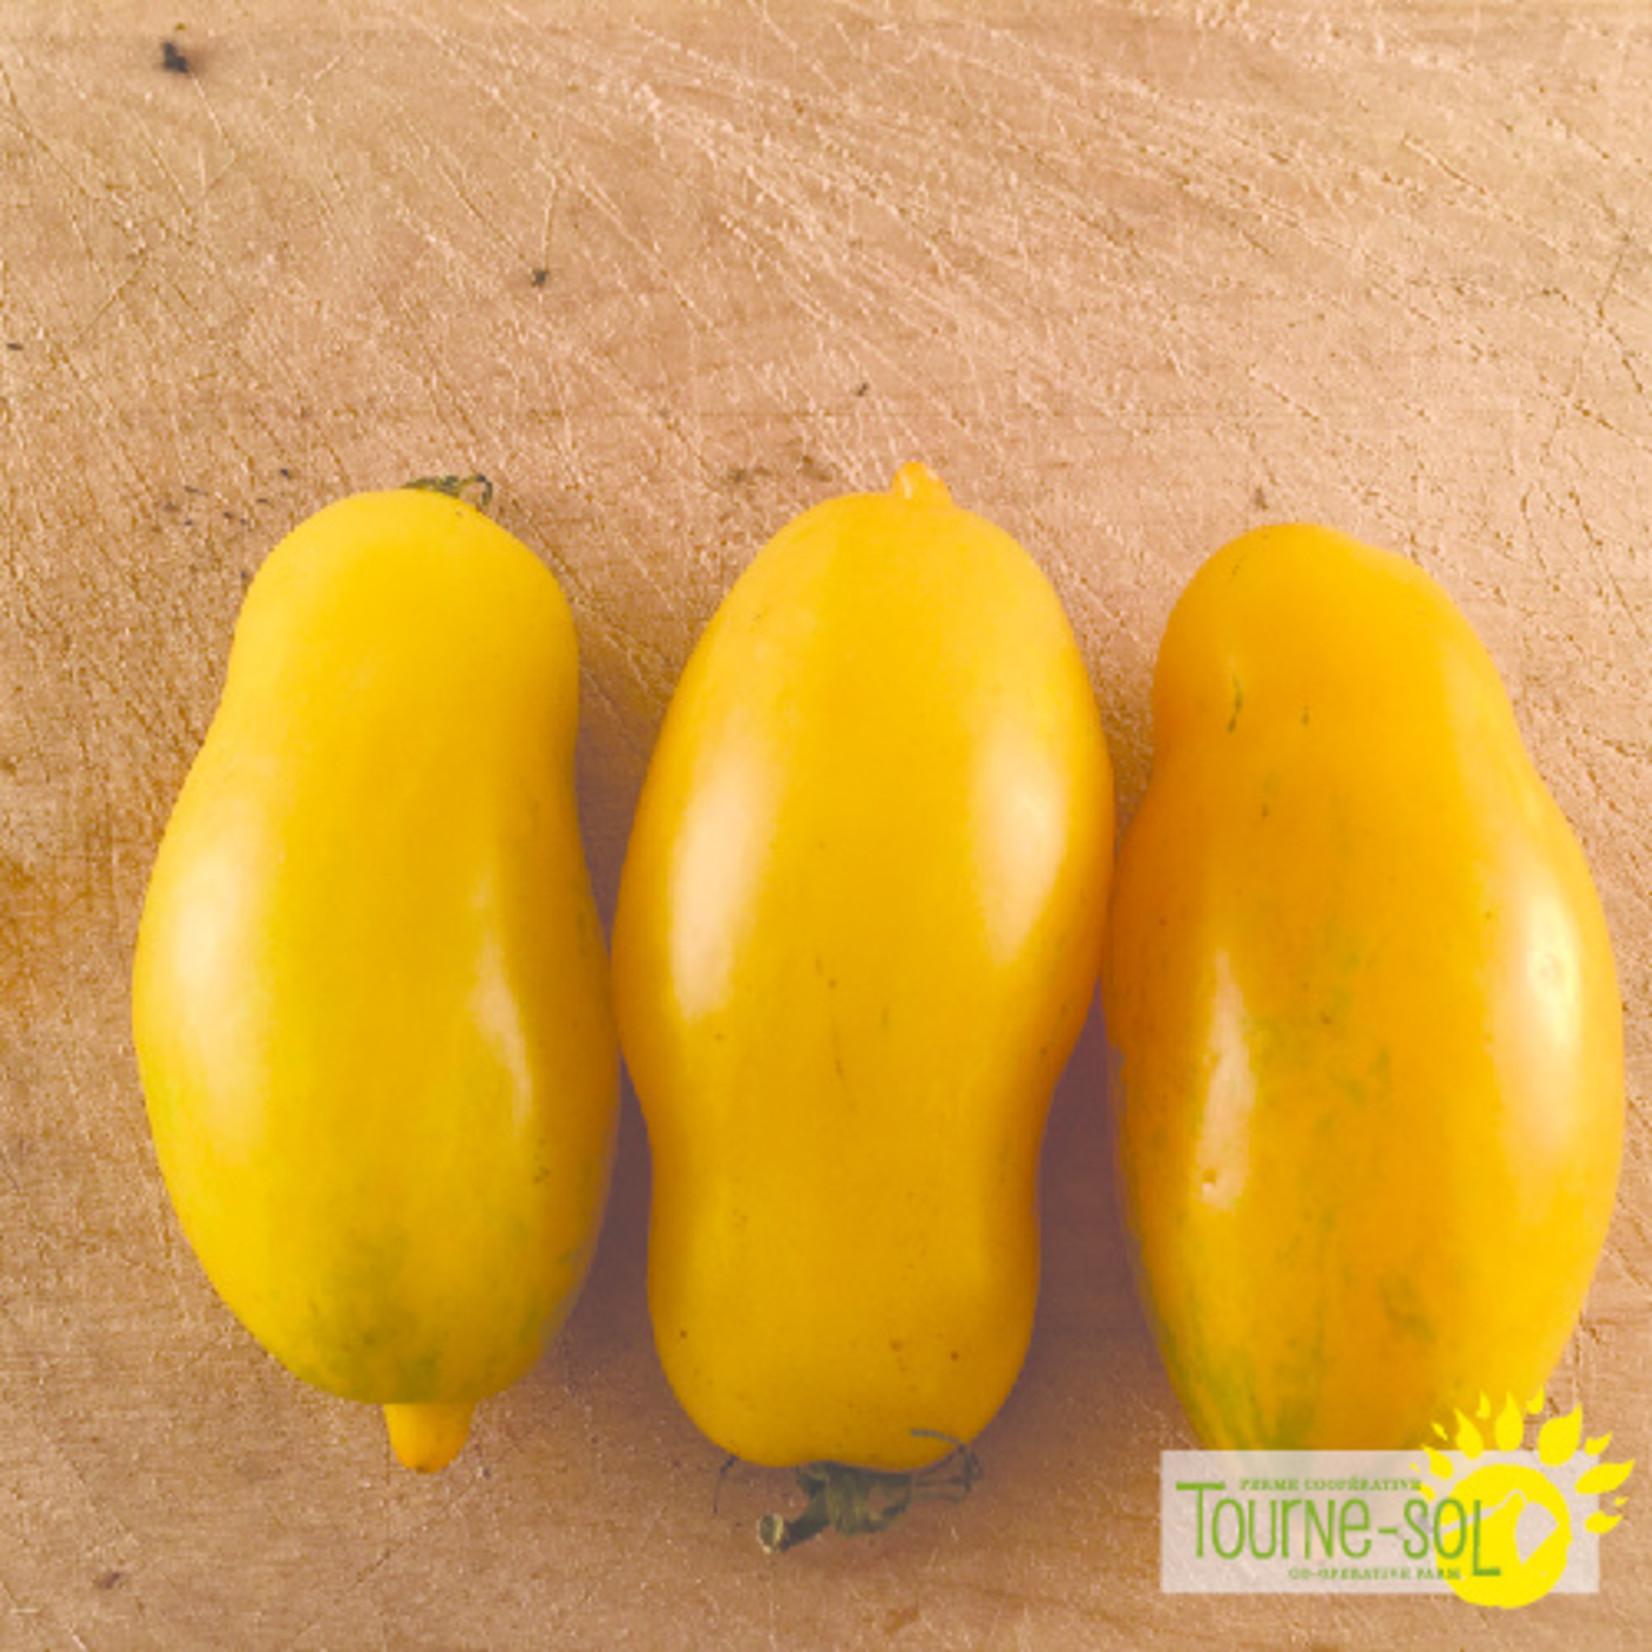 Tourne-Sol Banana Legs yellow paste tomato